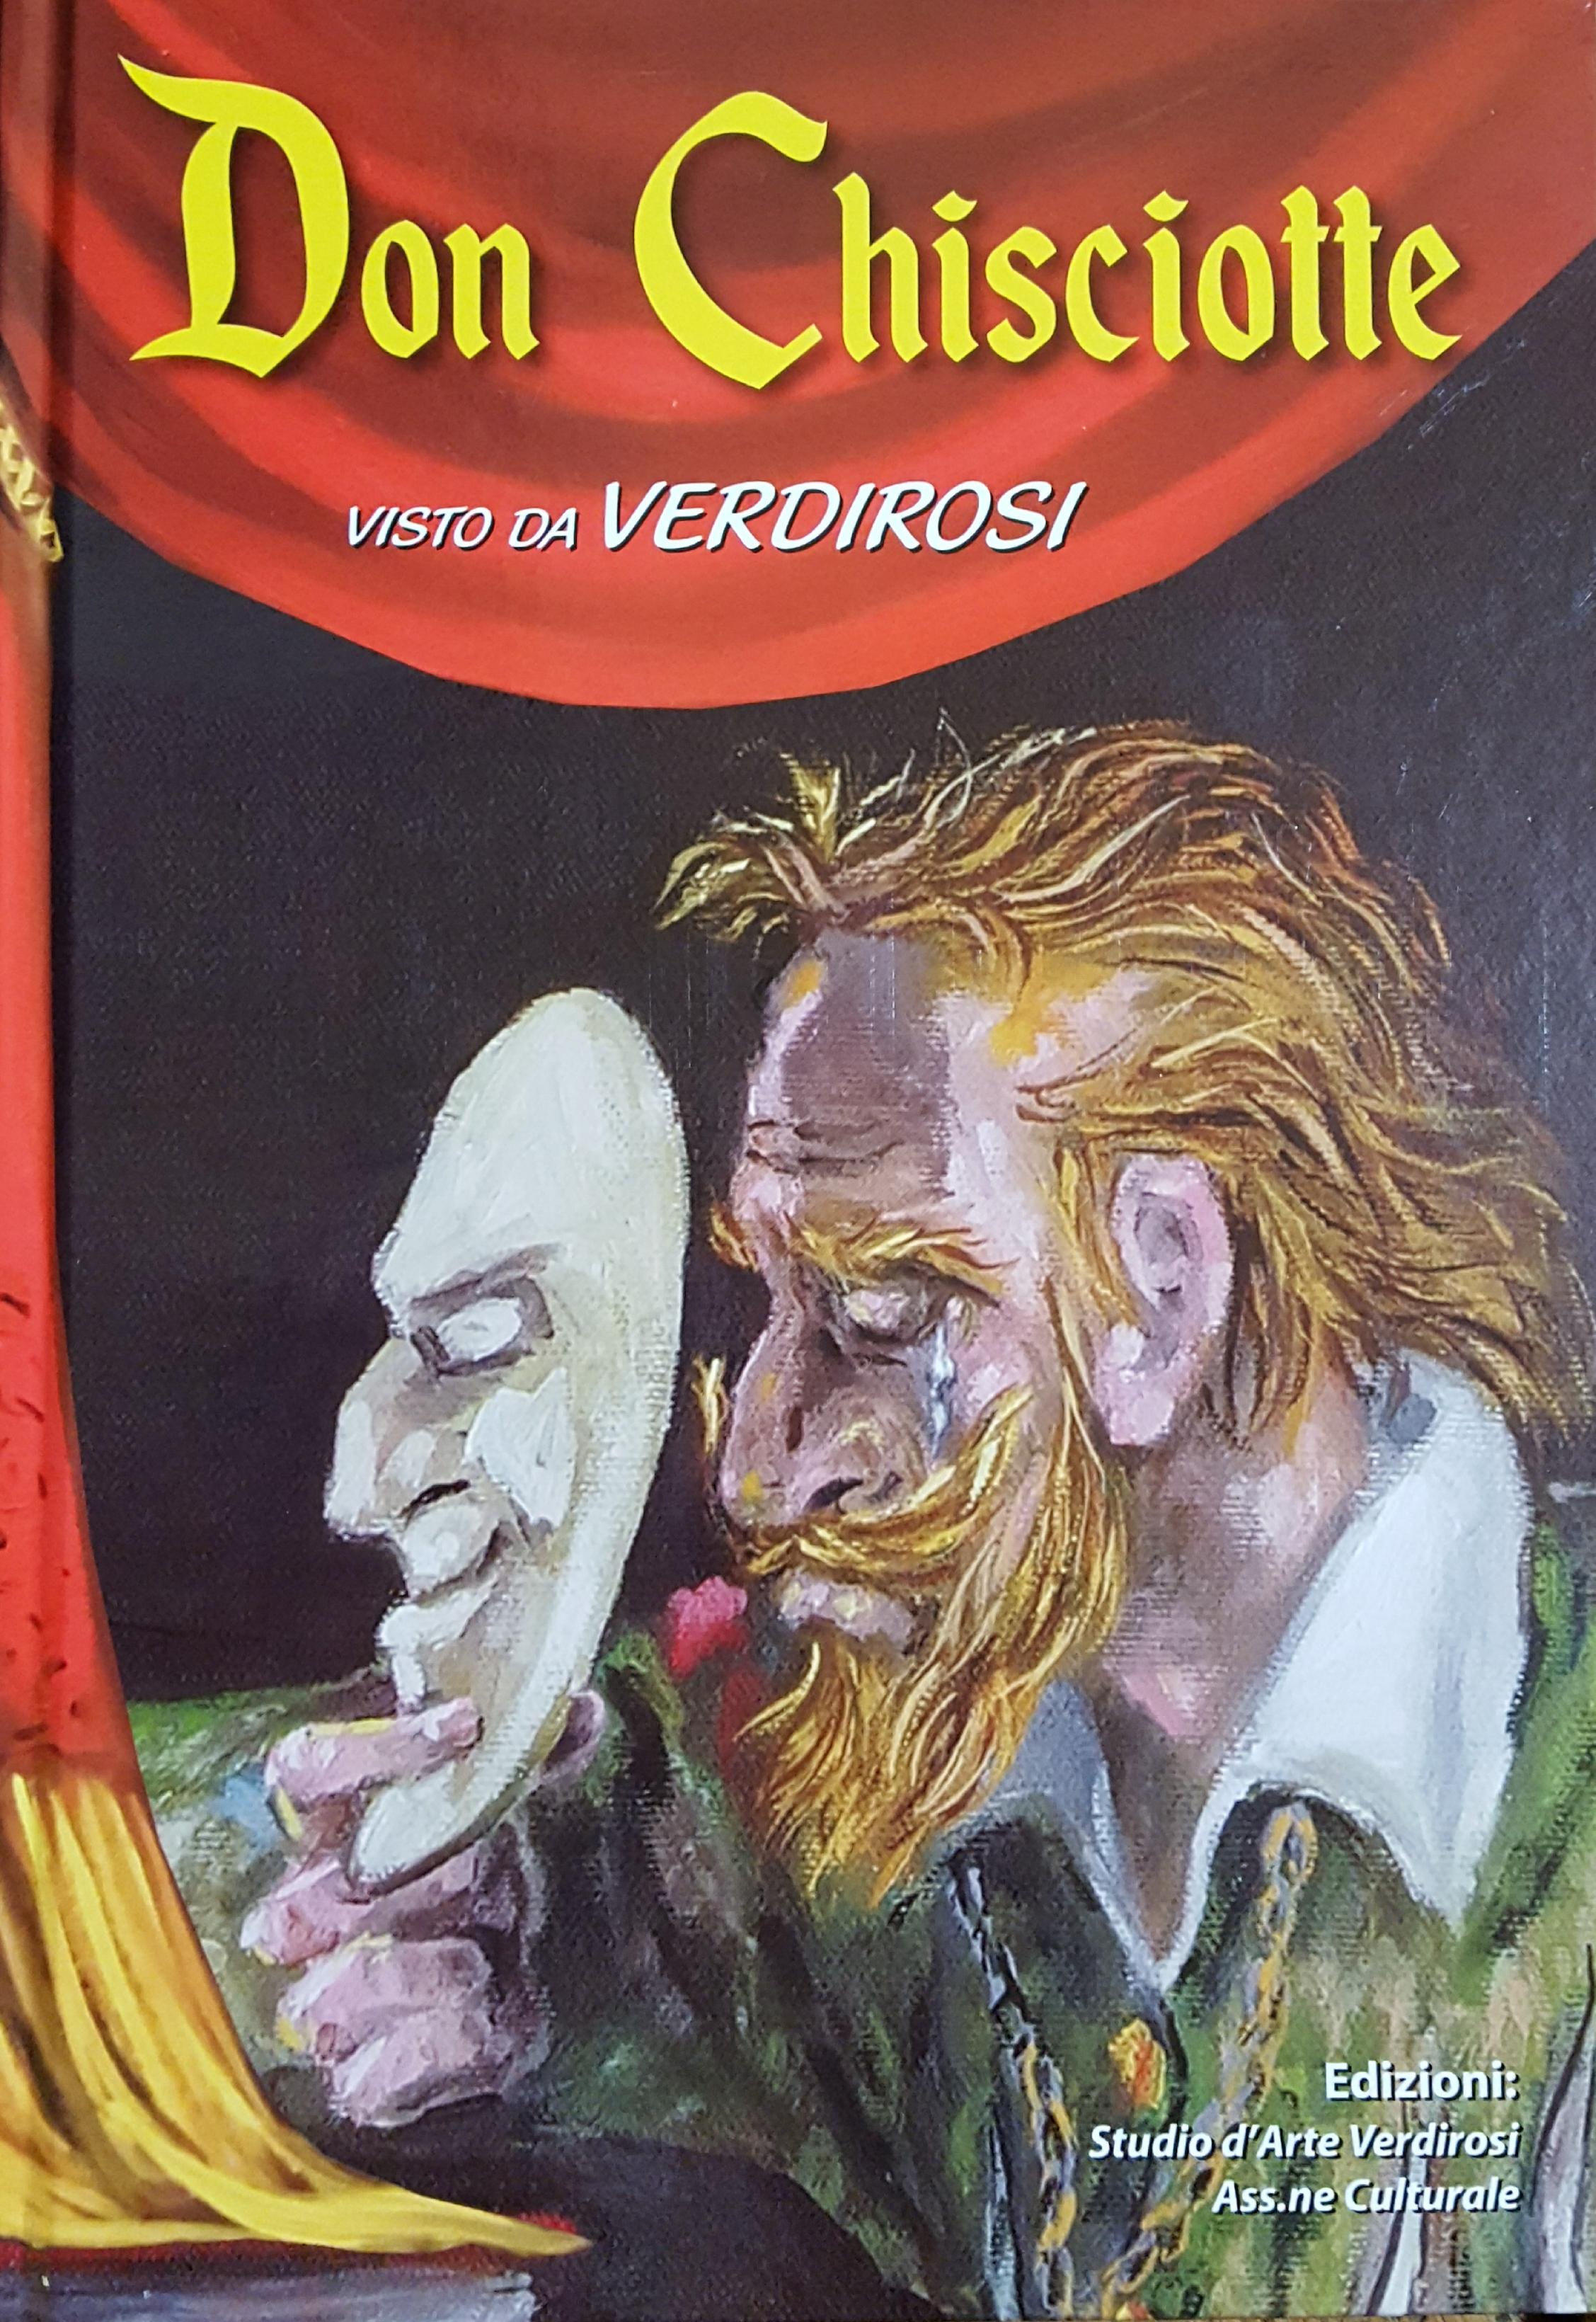 Don Chisciotte visto da Verdirosi